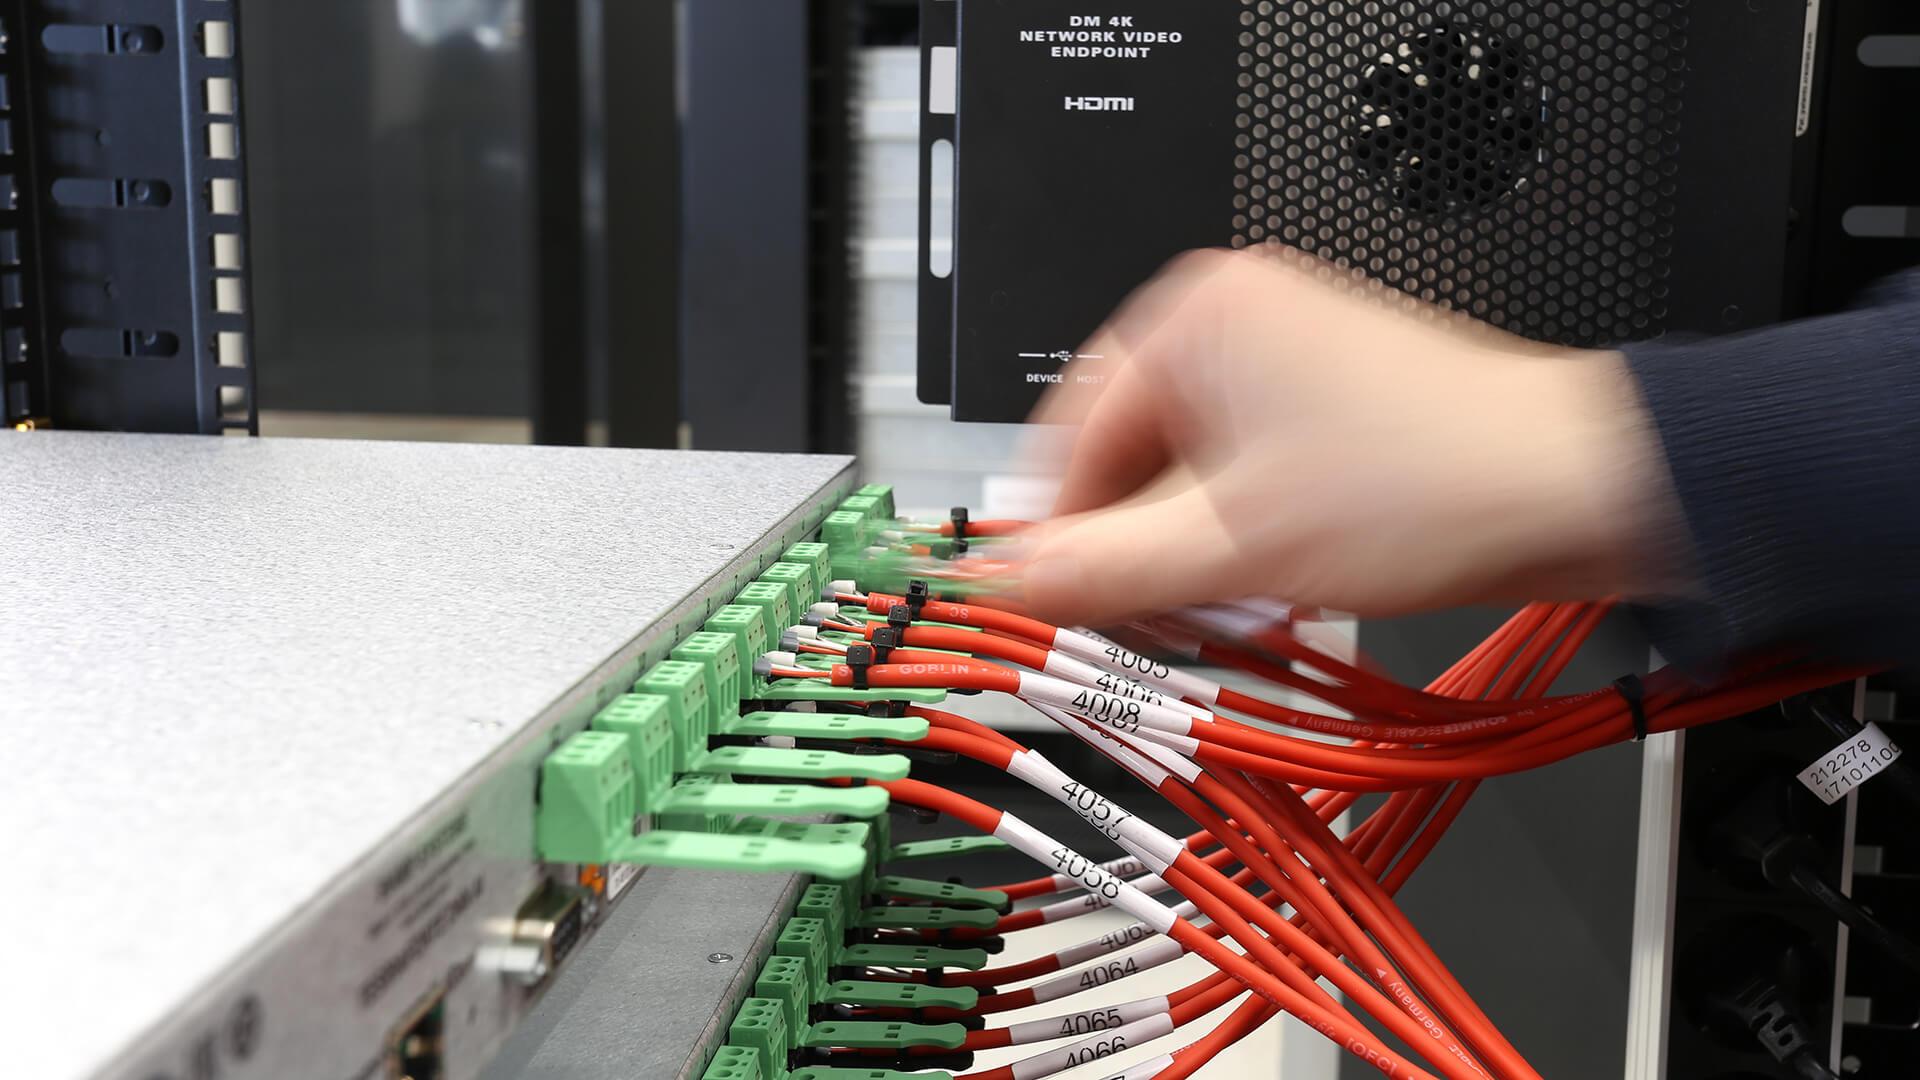 Medientechnik Programmierung Steuerung Vorinstallation